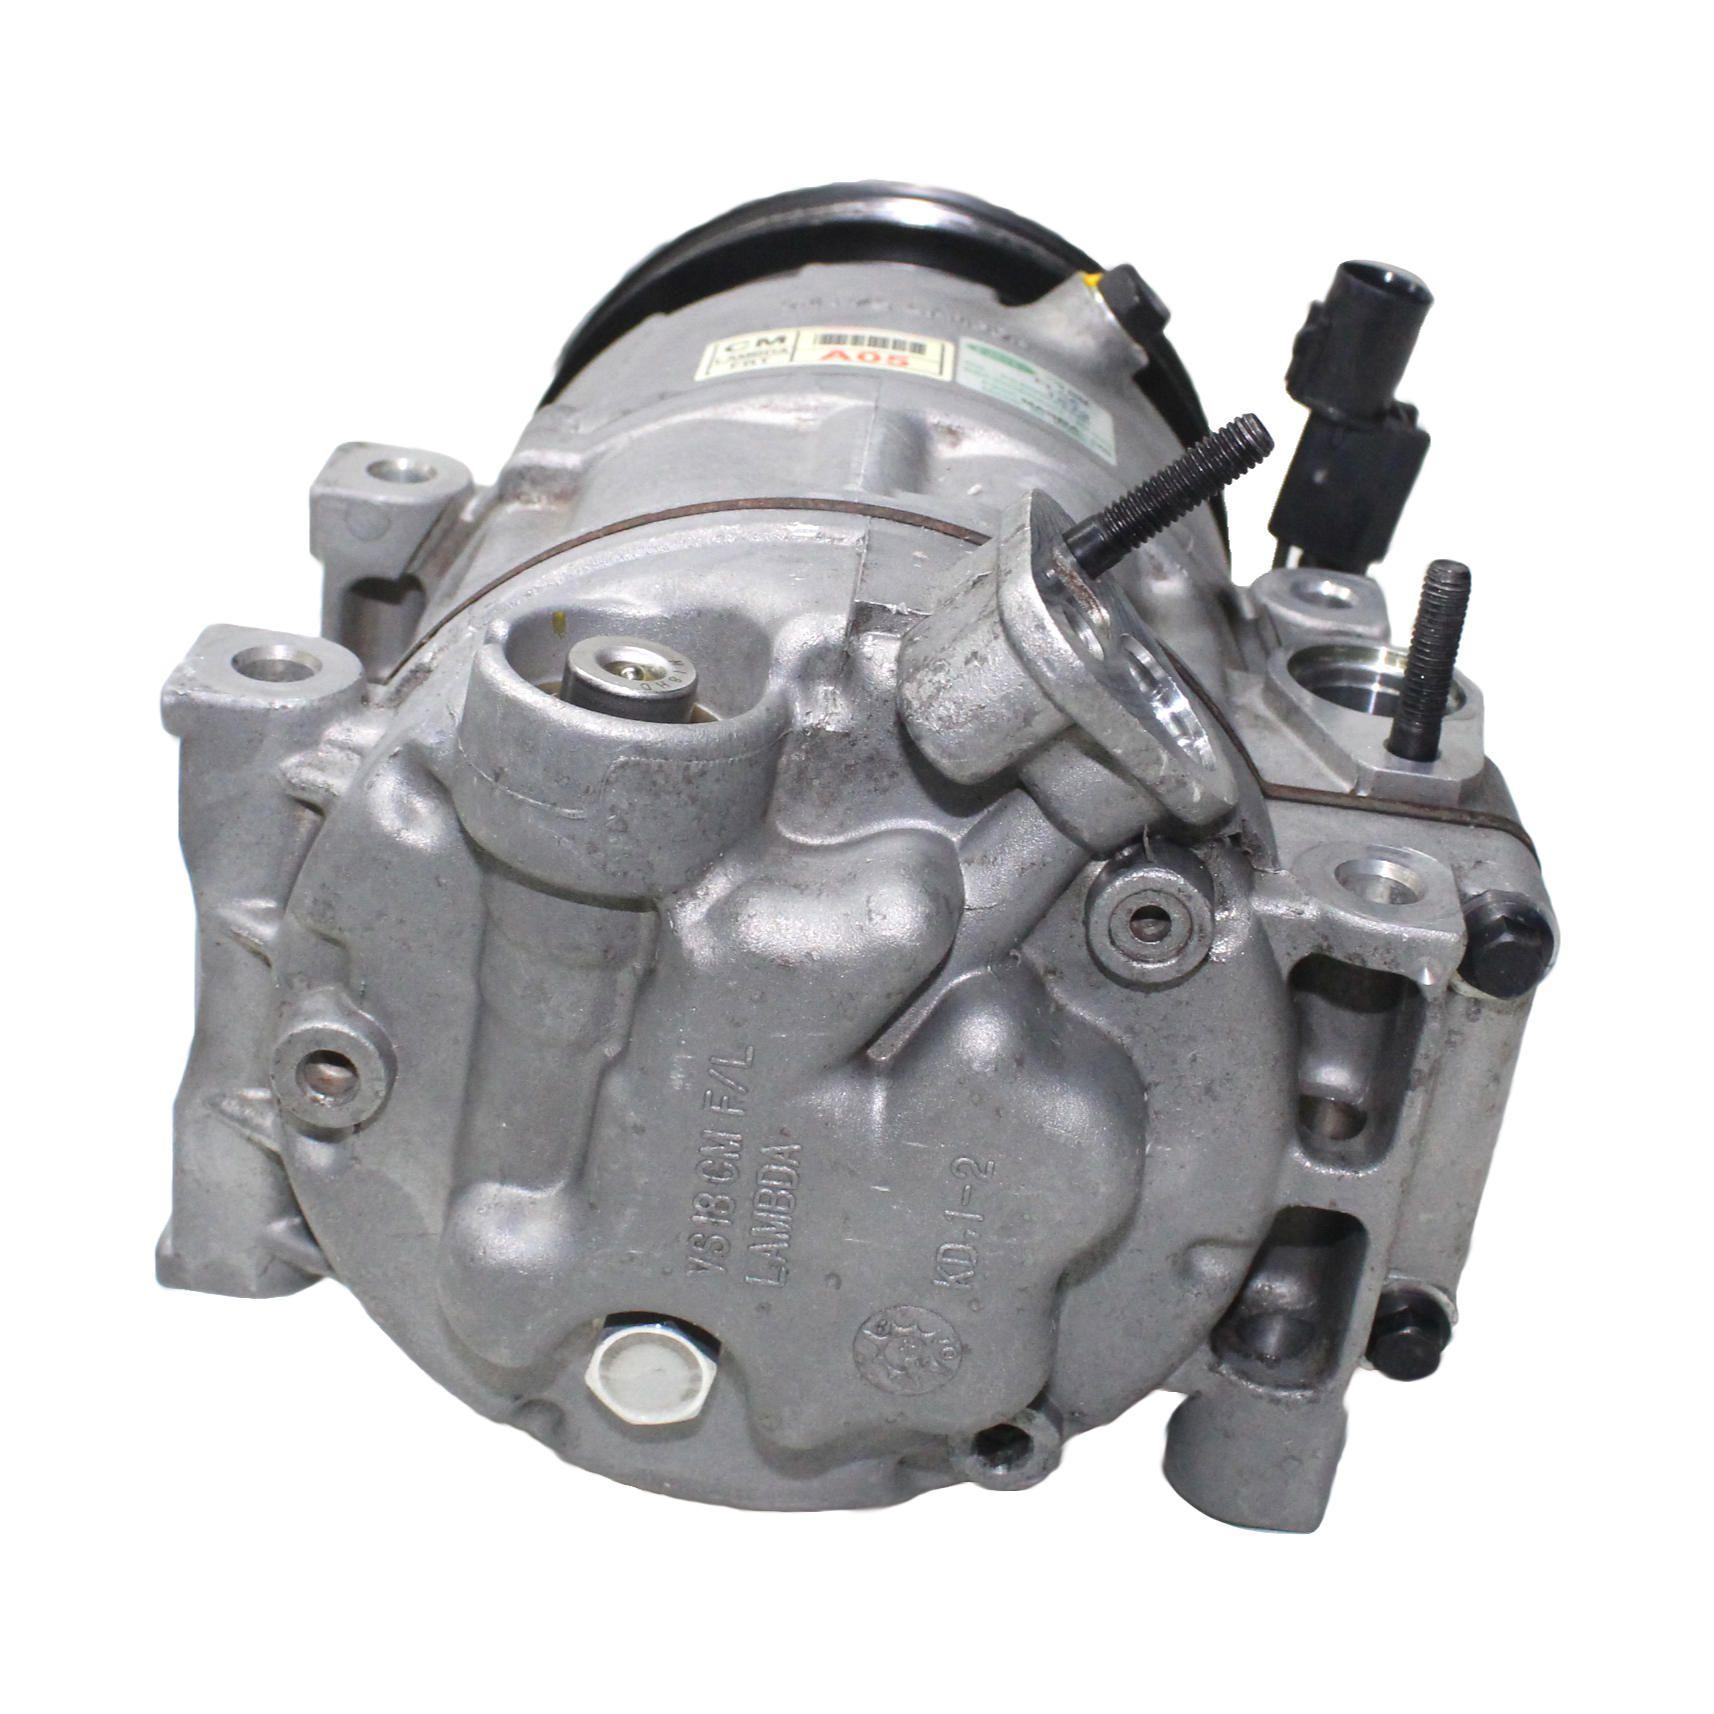 Compressor Ar Condicionado Santa Fe 3.5/2.7, Vera Cruz - Recondicionado